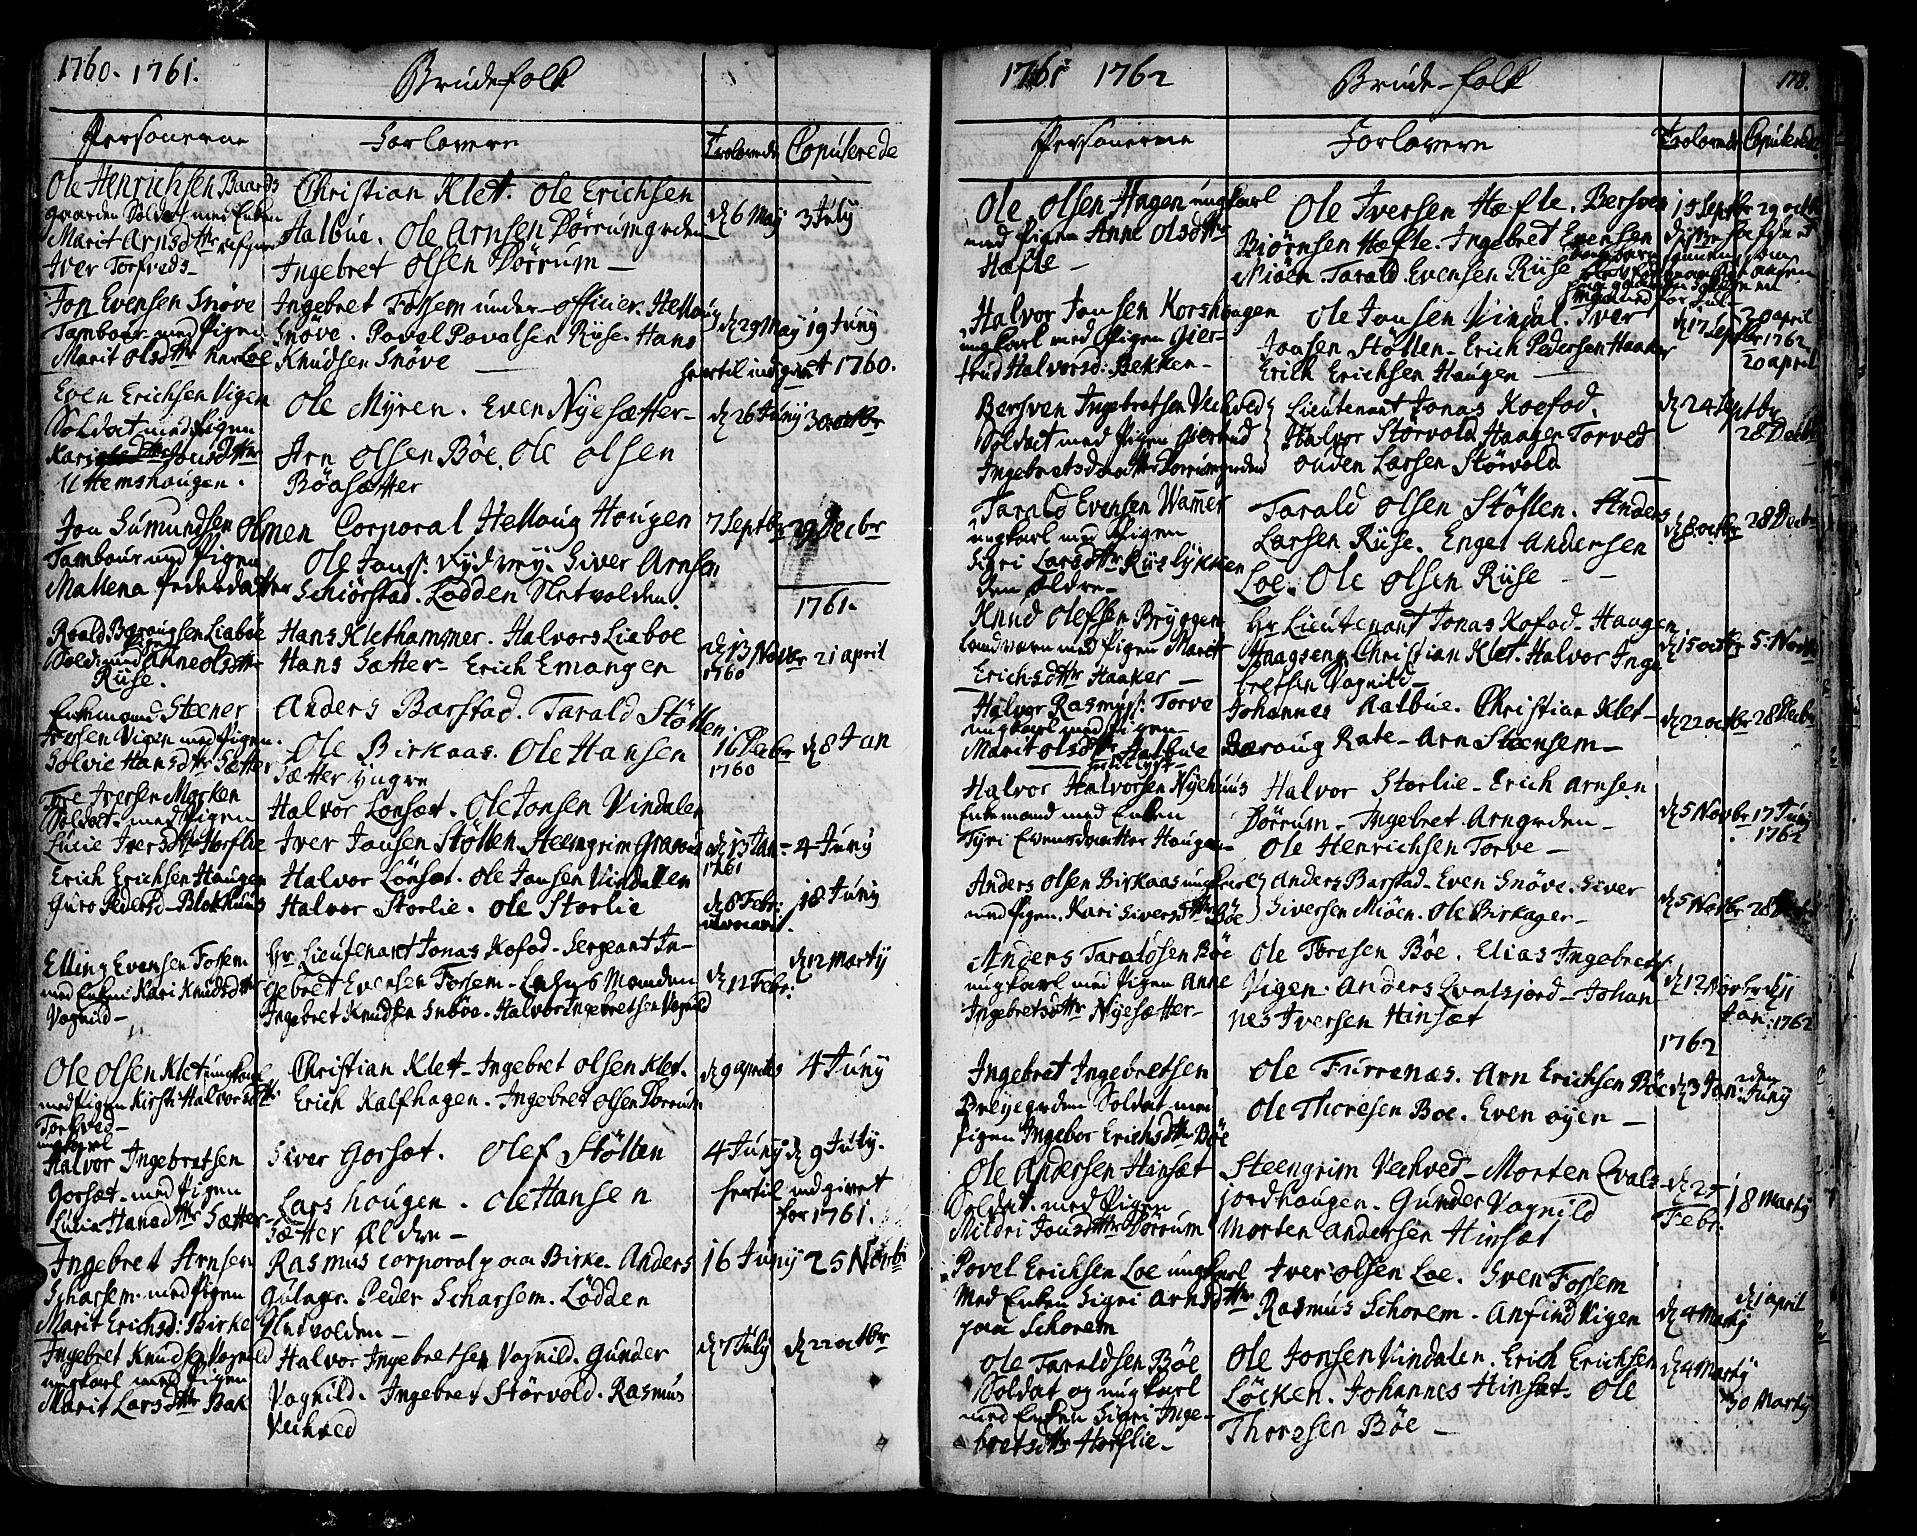 SAT, Ministerialprotokoller, klokkerbøker og fødselsregistre - Sør-Trøndelag, 678/L0891: Ministerialbok nr. 678A01, 1739-1780, s. 178